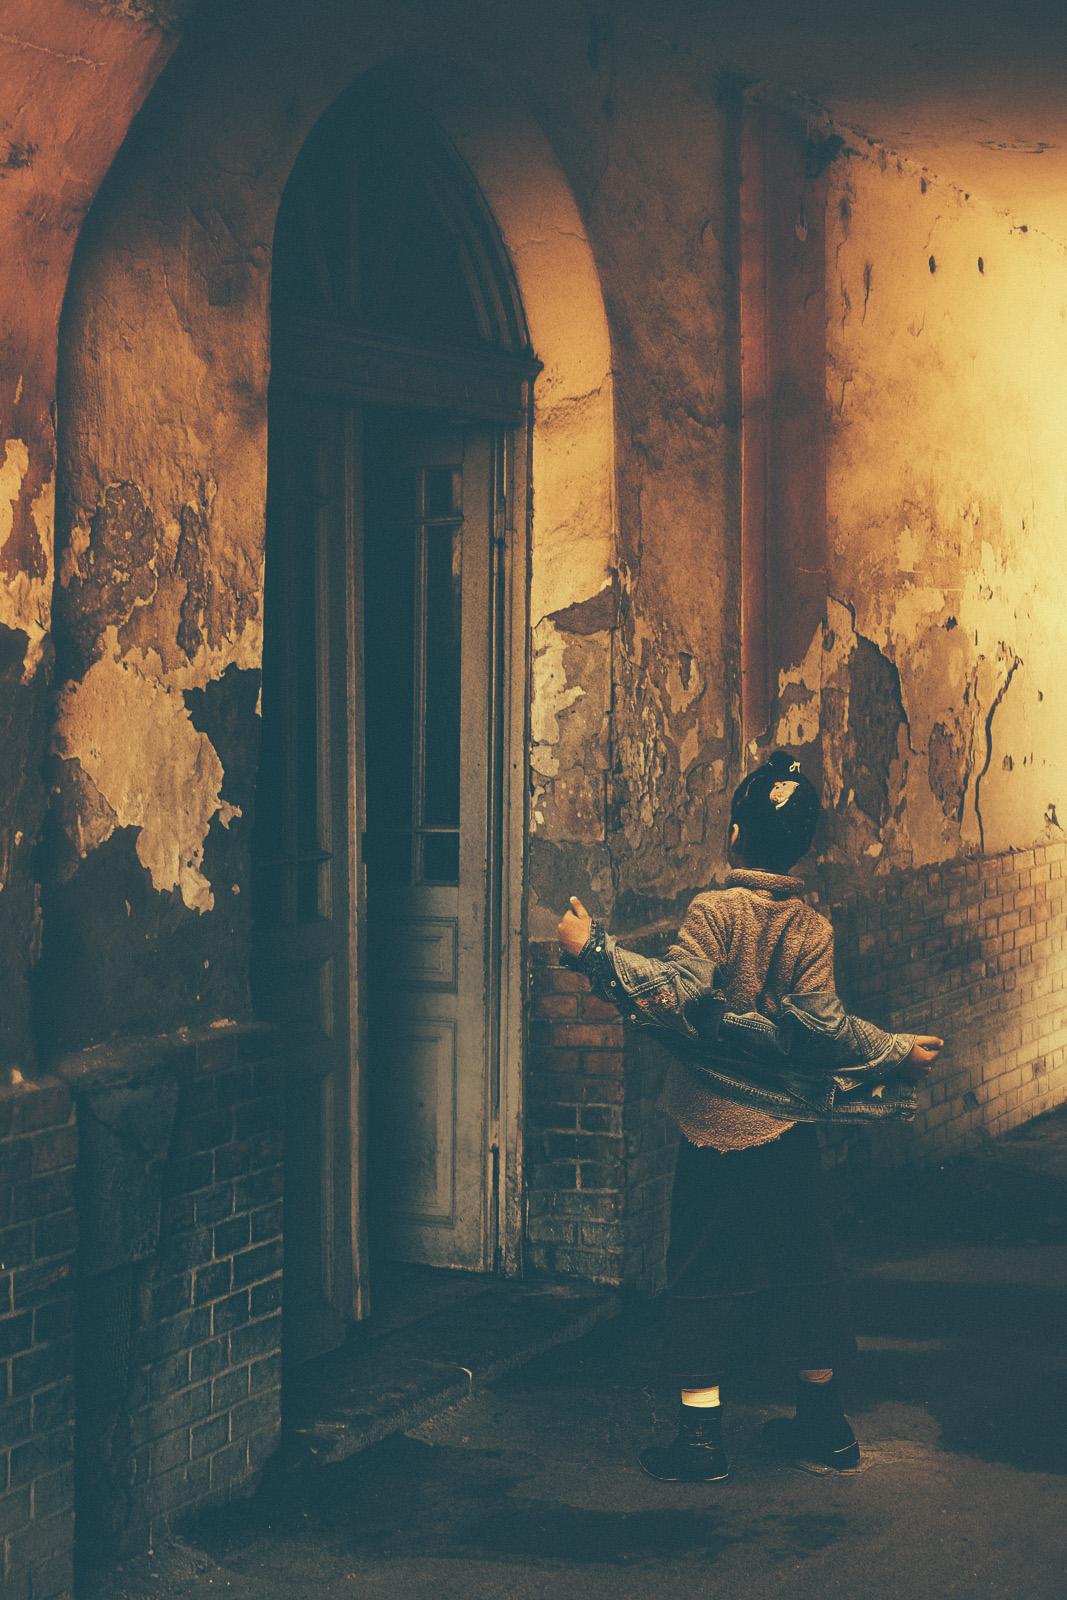 still-waiting-for-Andreas-Sam.jpg